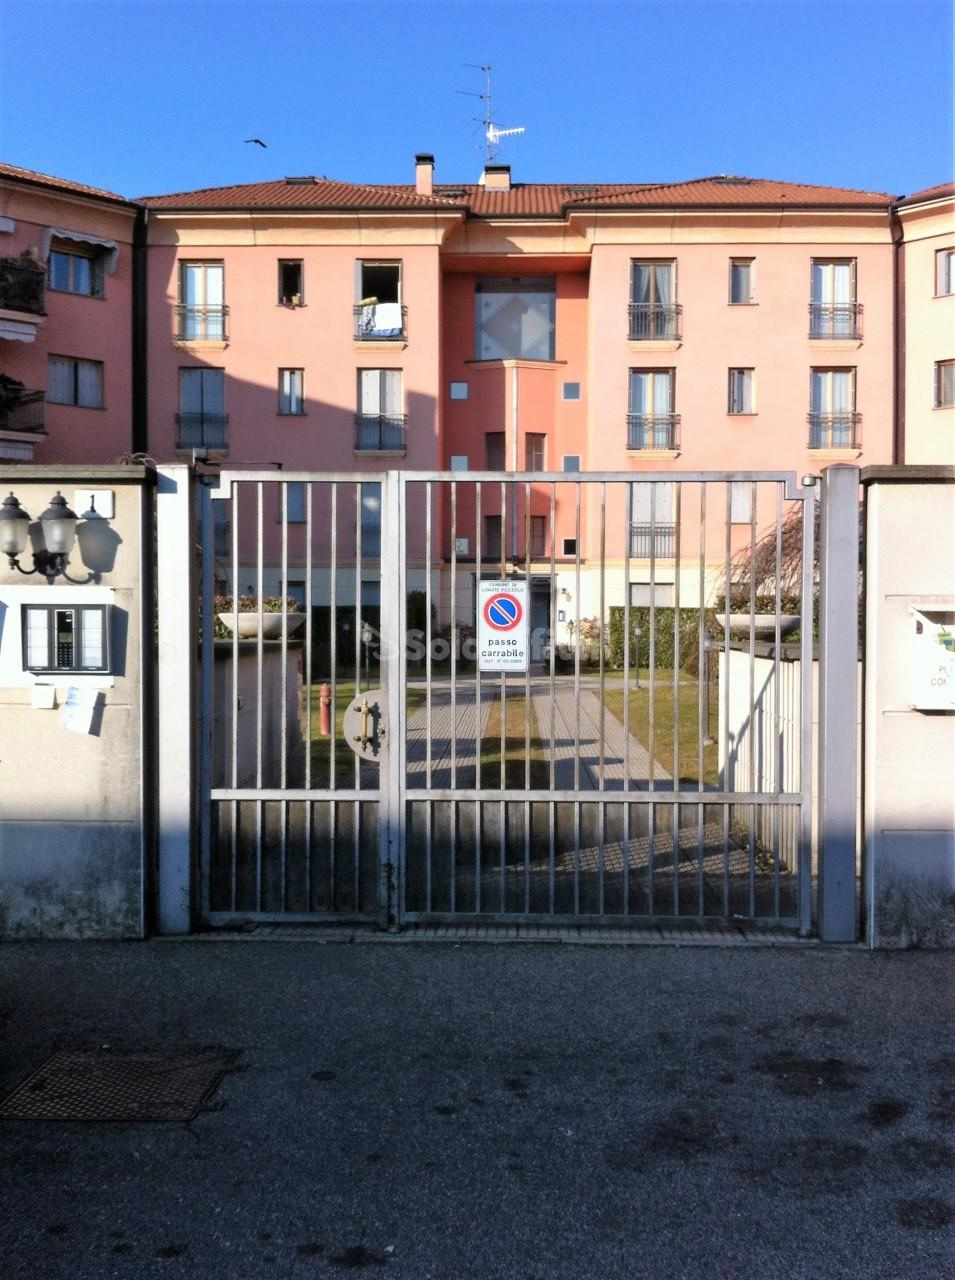 Affitto appartamento monolocale arredato for Affitto pontecagnano arredato